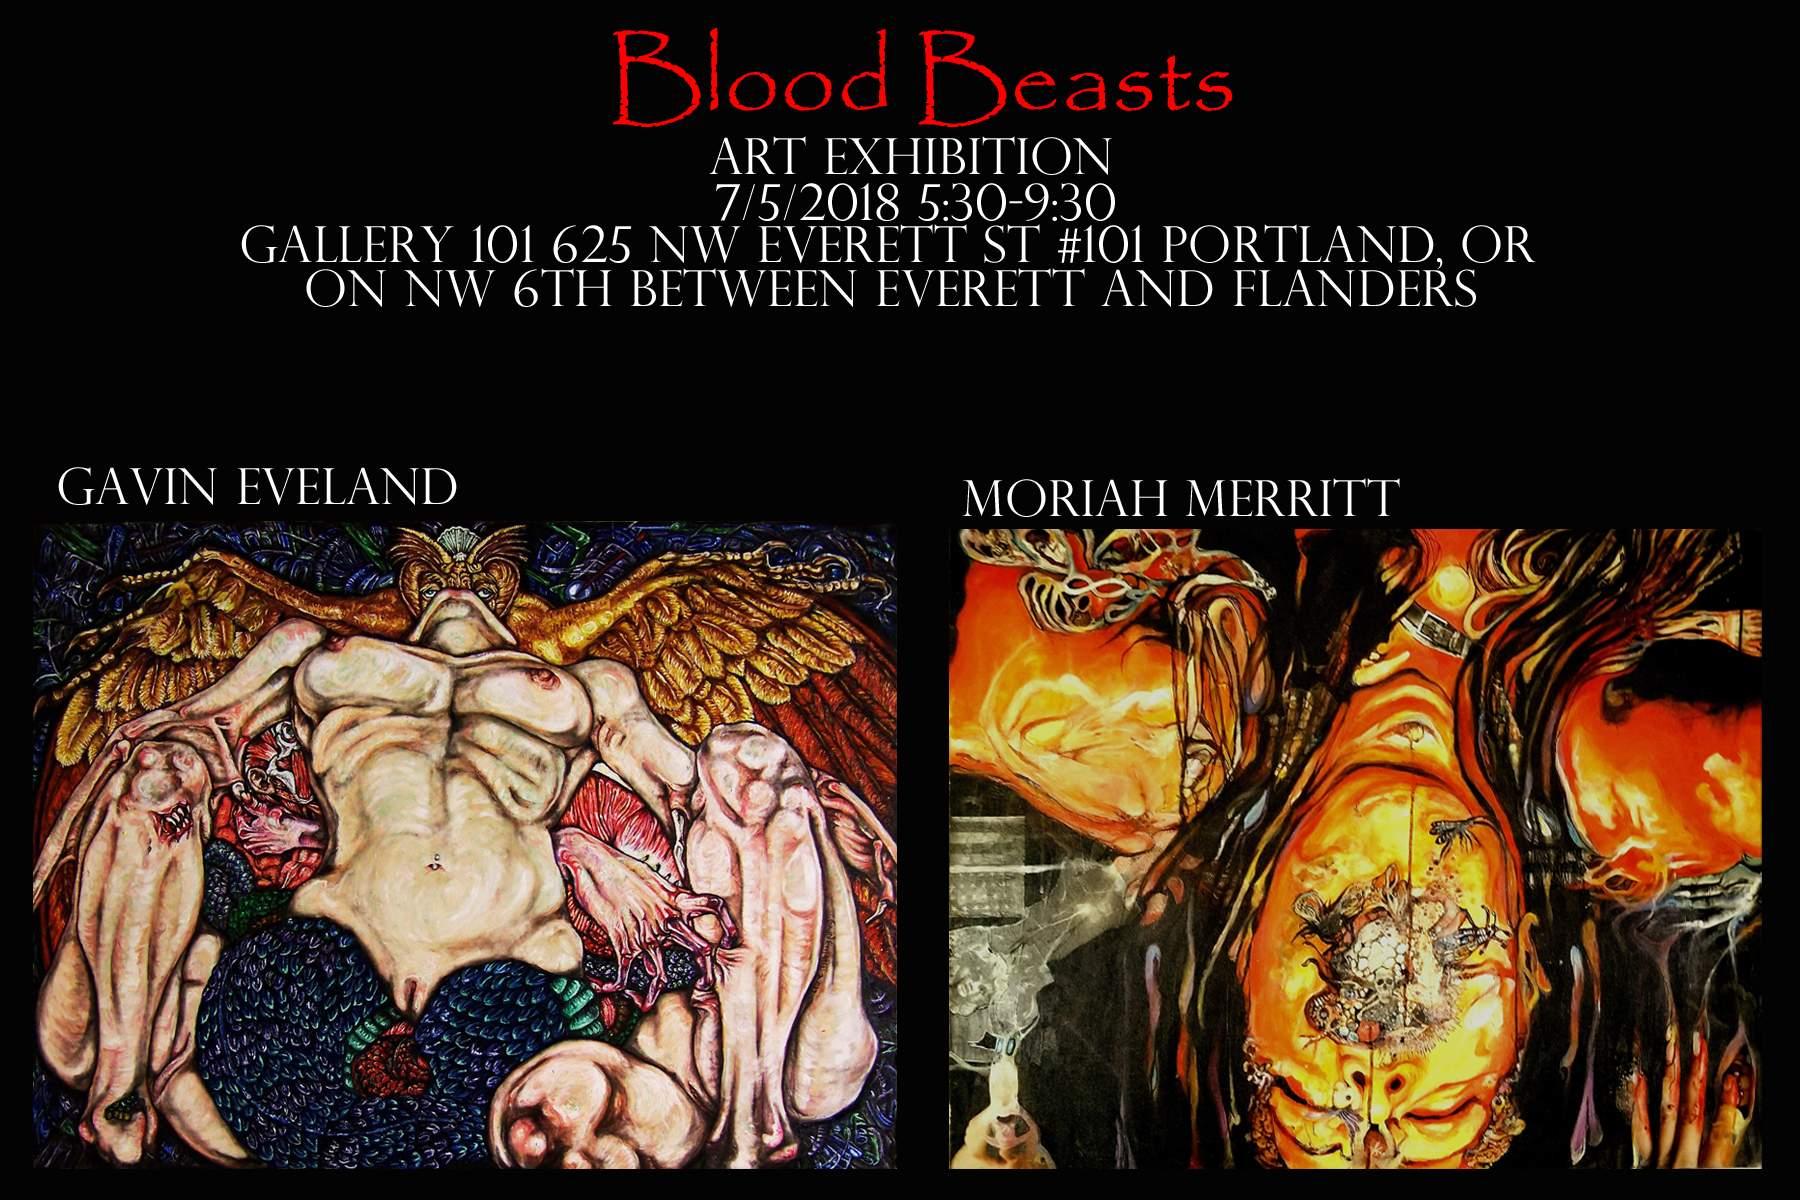 Bloodbeastspressrelease.jpg